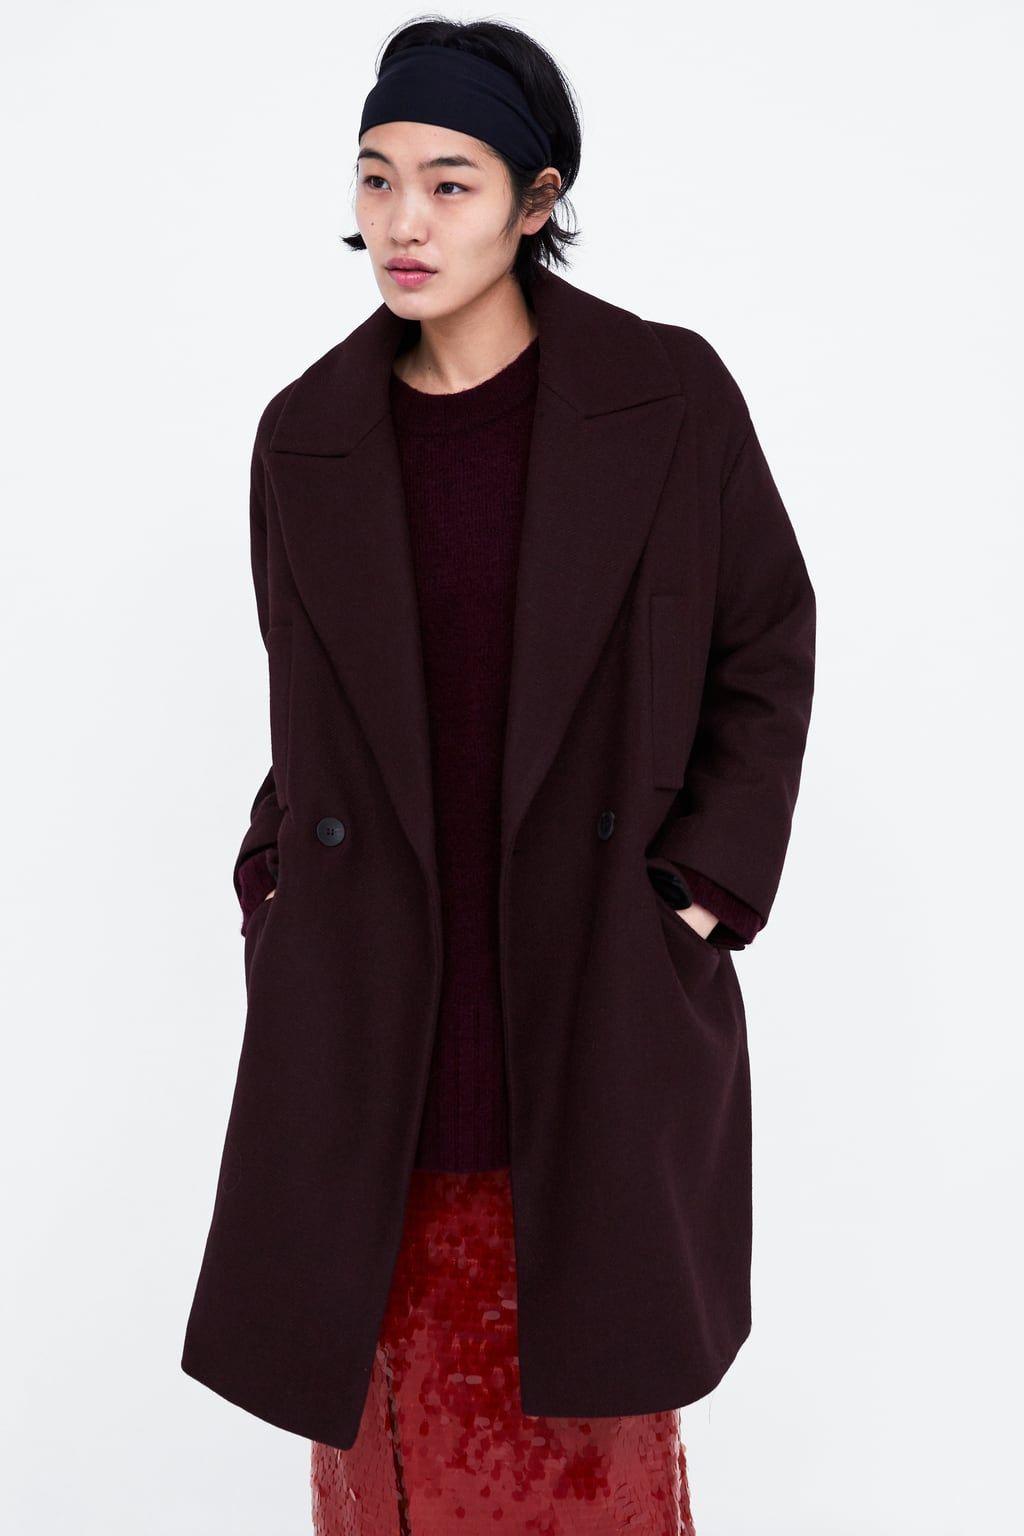 Imagen 2 2019 Zara De Cruzado Bolsillos En Abrigo xtsdhBrCQo